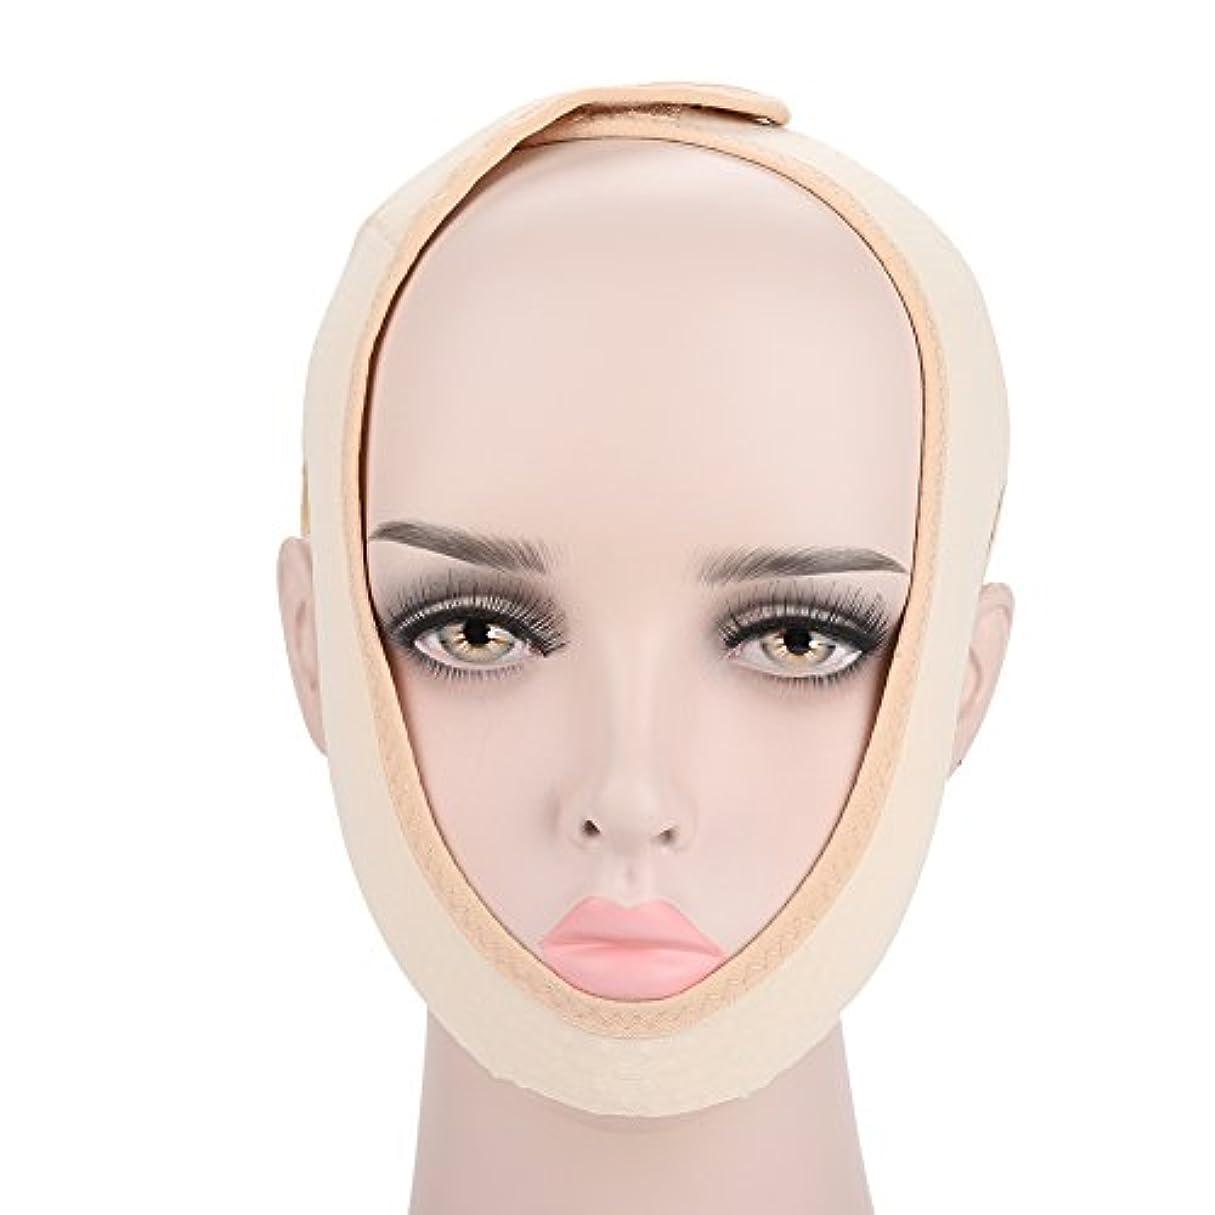 砂漠建築マトリックス顔の輪郭を改善するための顔の痩身マスク、通気性と伸縮性、二重あごを和らげ、顔の手術とリハビリ